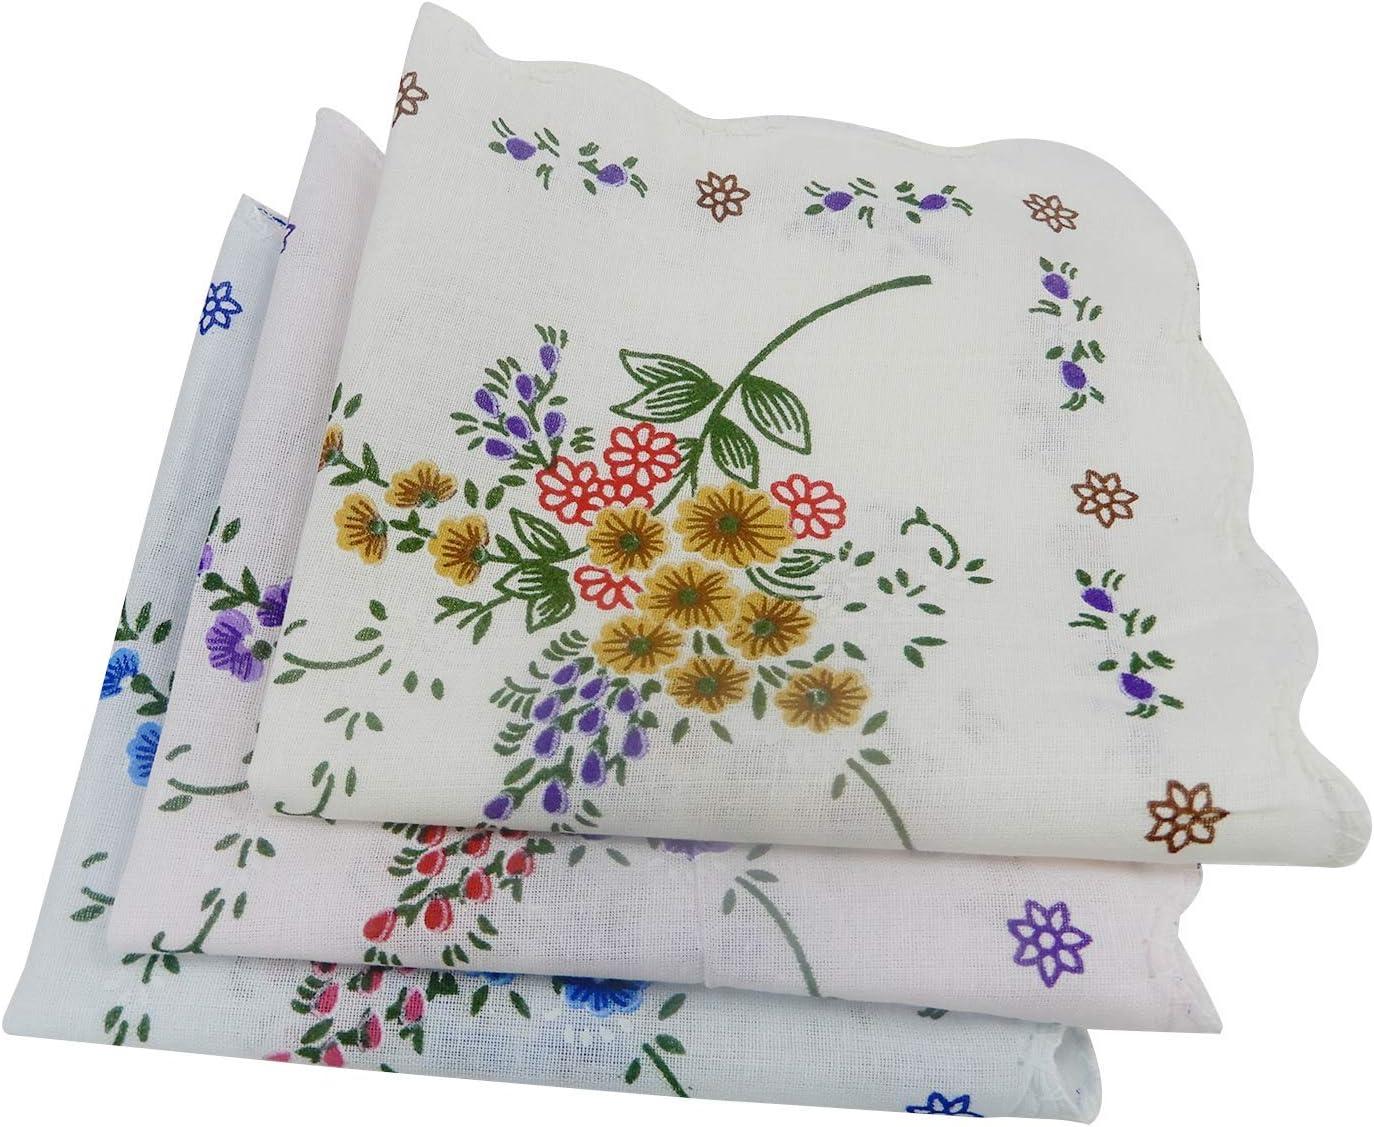 Whopper 12 Pieces Women Soft Cotton Classic Floral Print Cotton Colorful Ladies Handkerchiefs Hankies